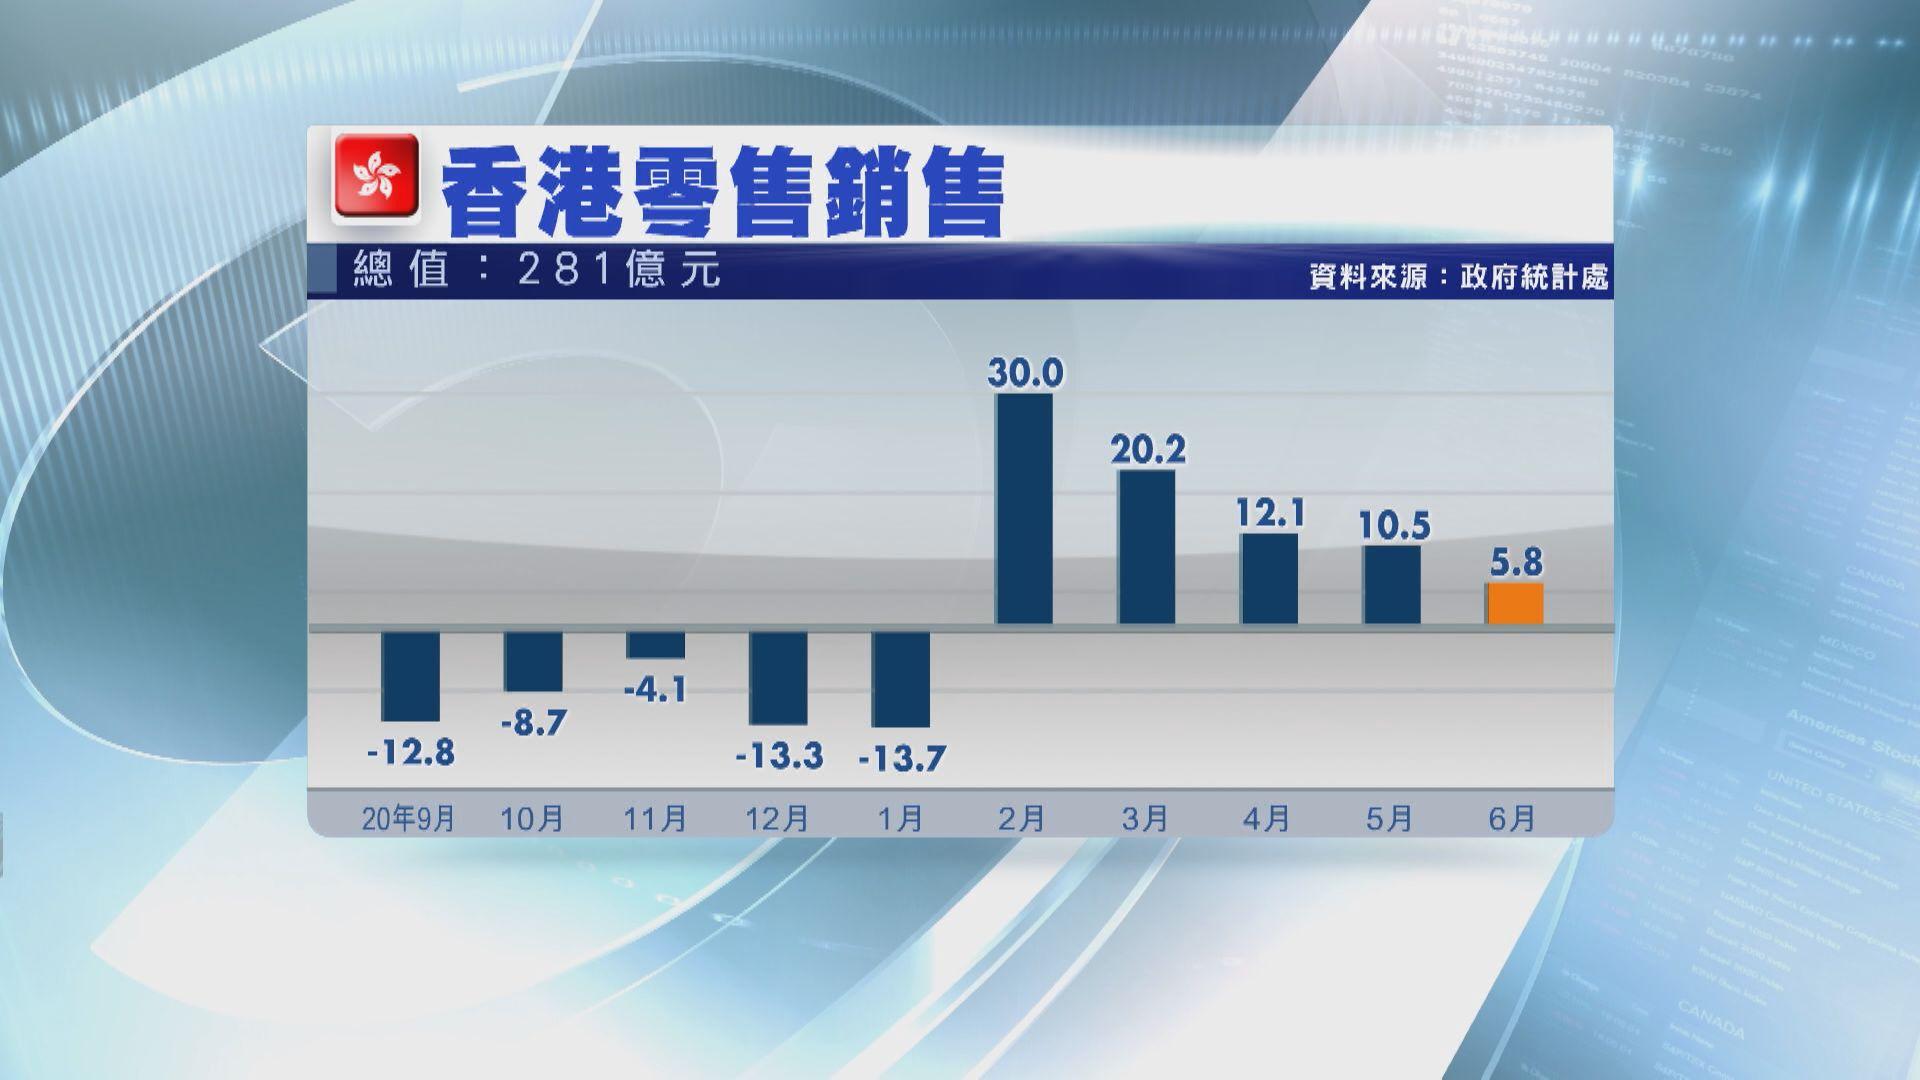 【消費券刺激】零售協會料下半年錄高單位數增長